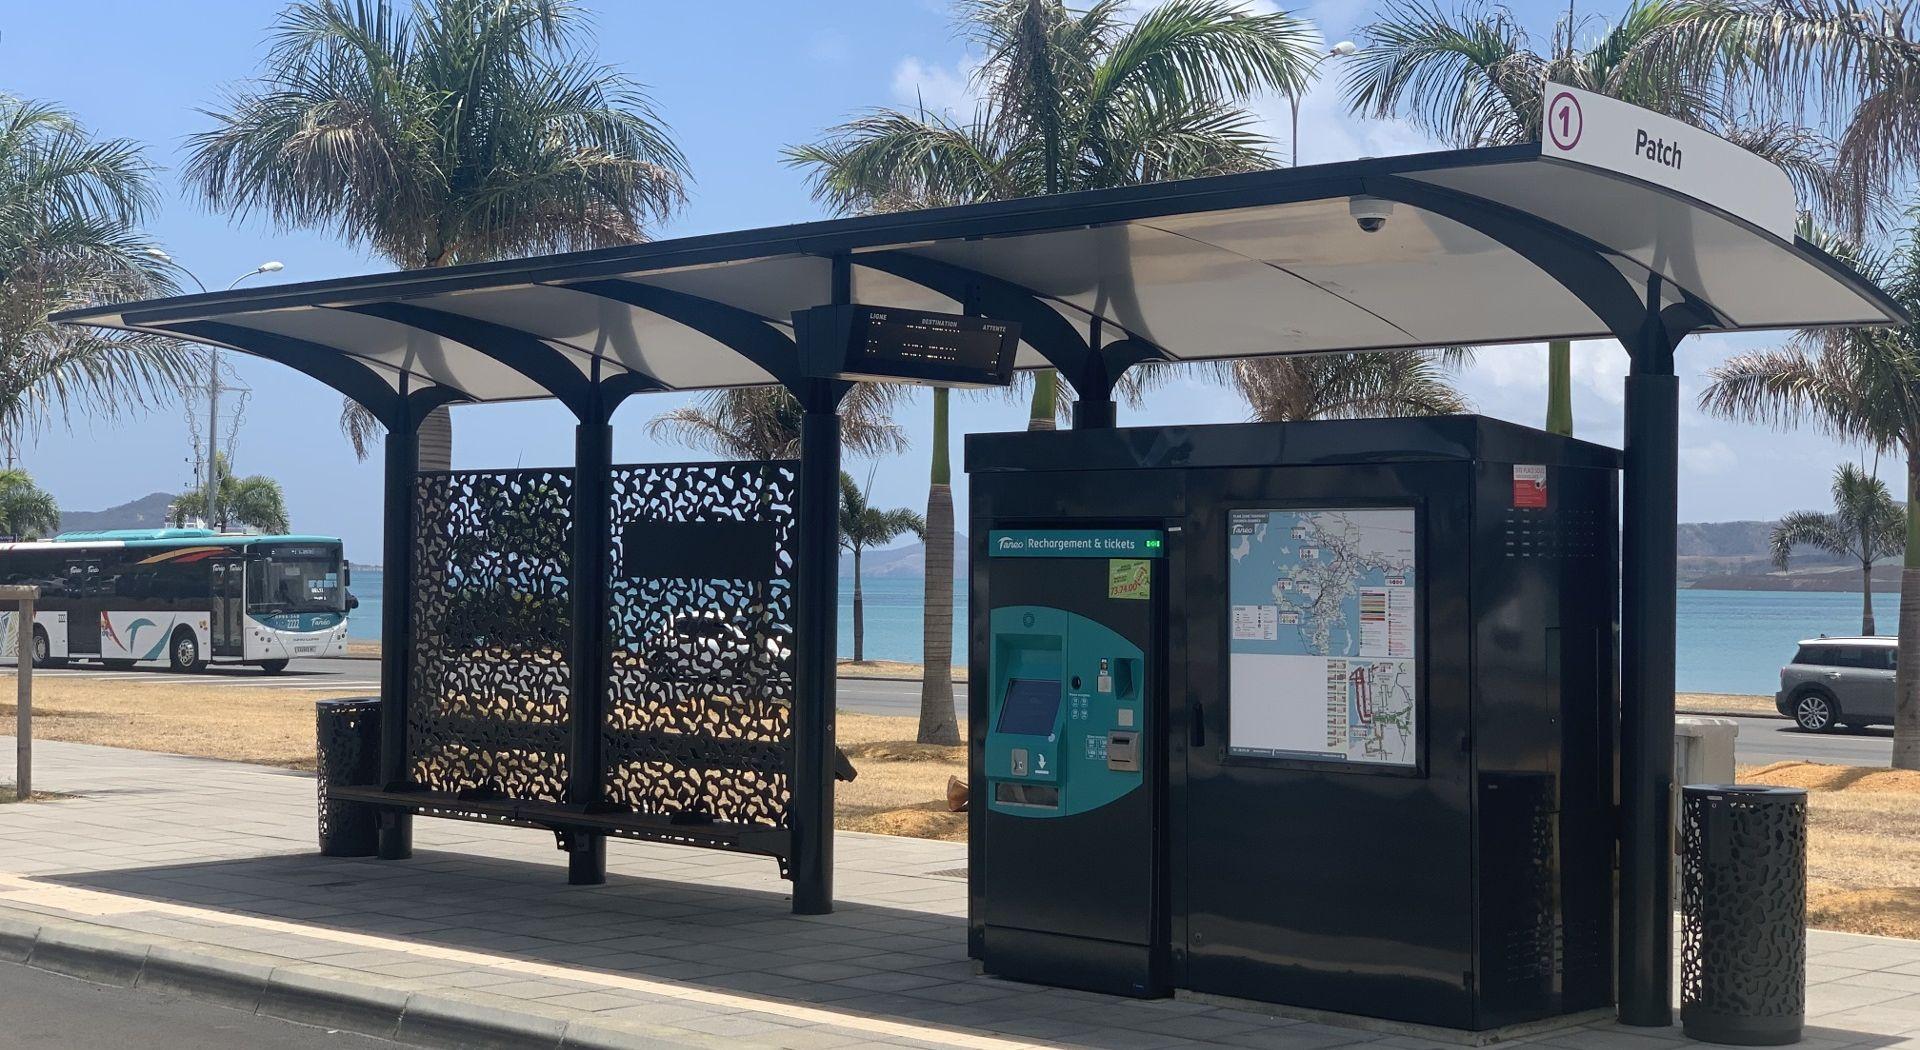 Abris voyageurs METALCO développés spécialement pour la 1ère ligne BHNS de Nouméa